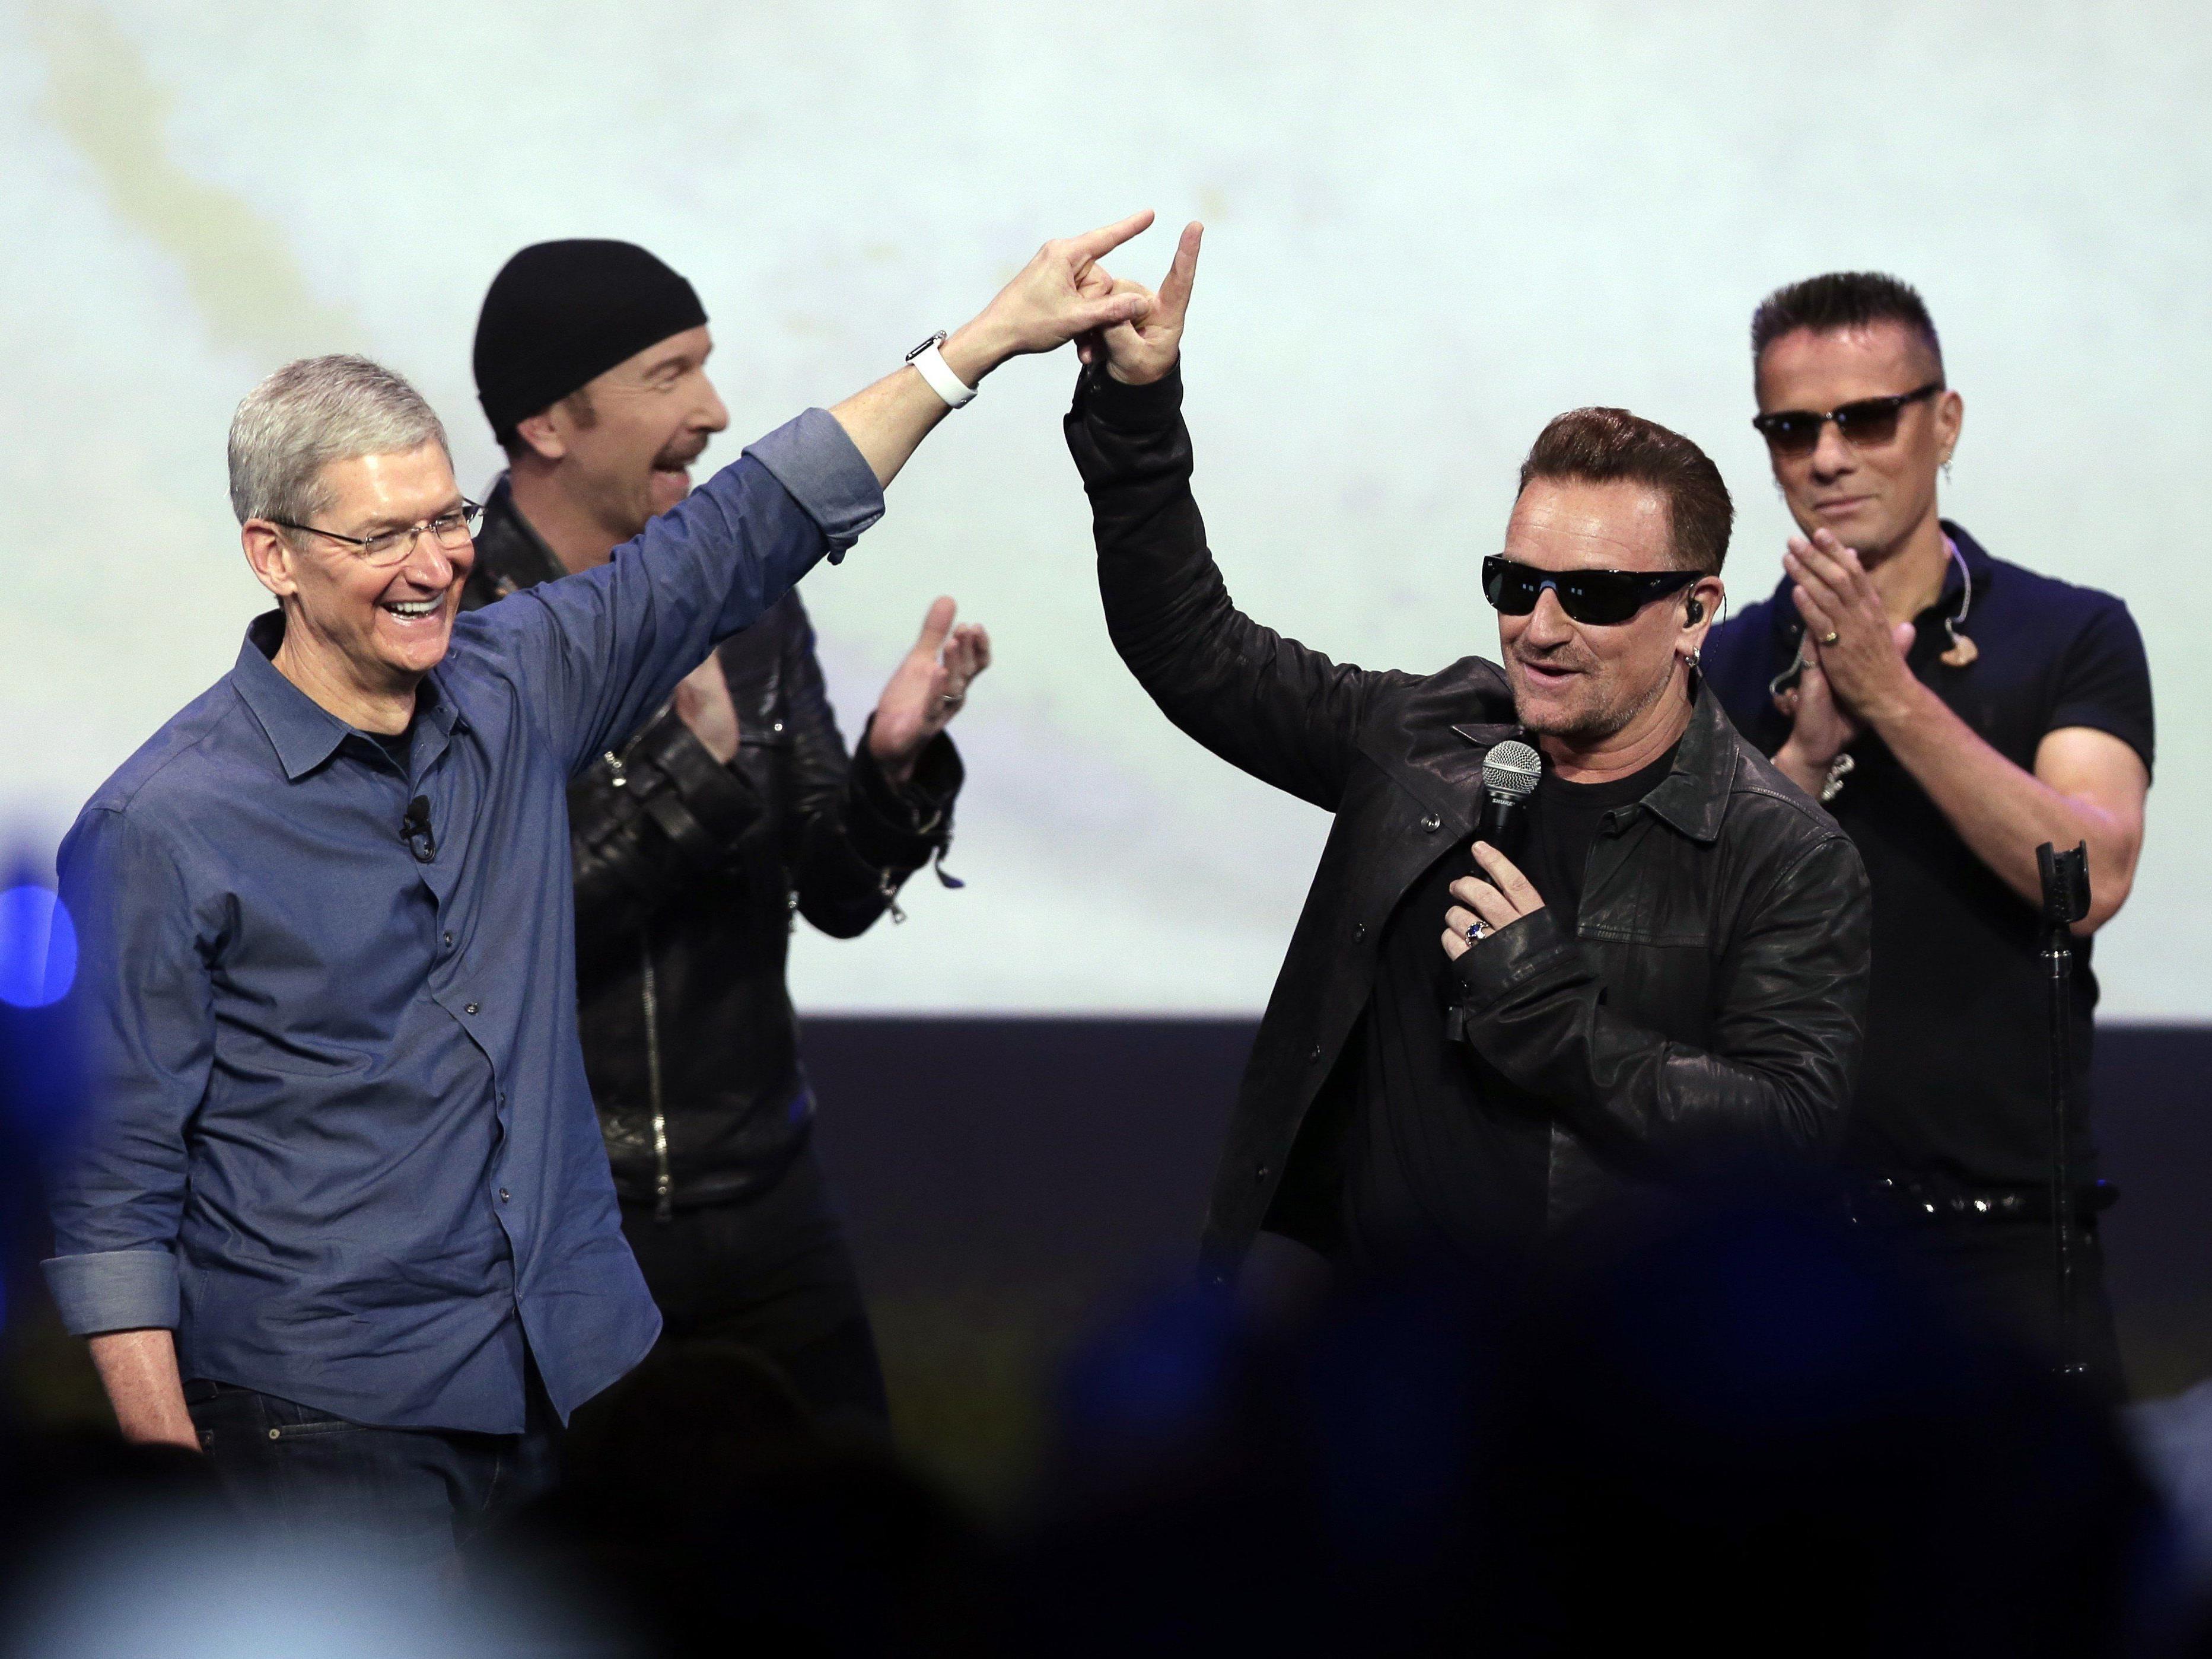 Ungefragter U2-Download in Mediathek sorgte für heftige Kritik.